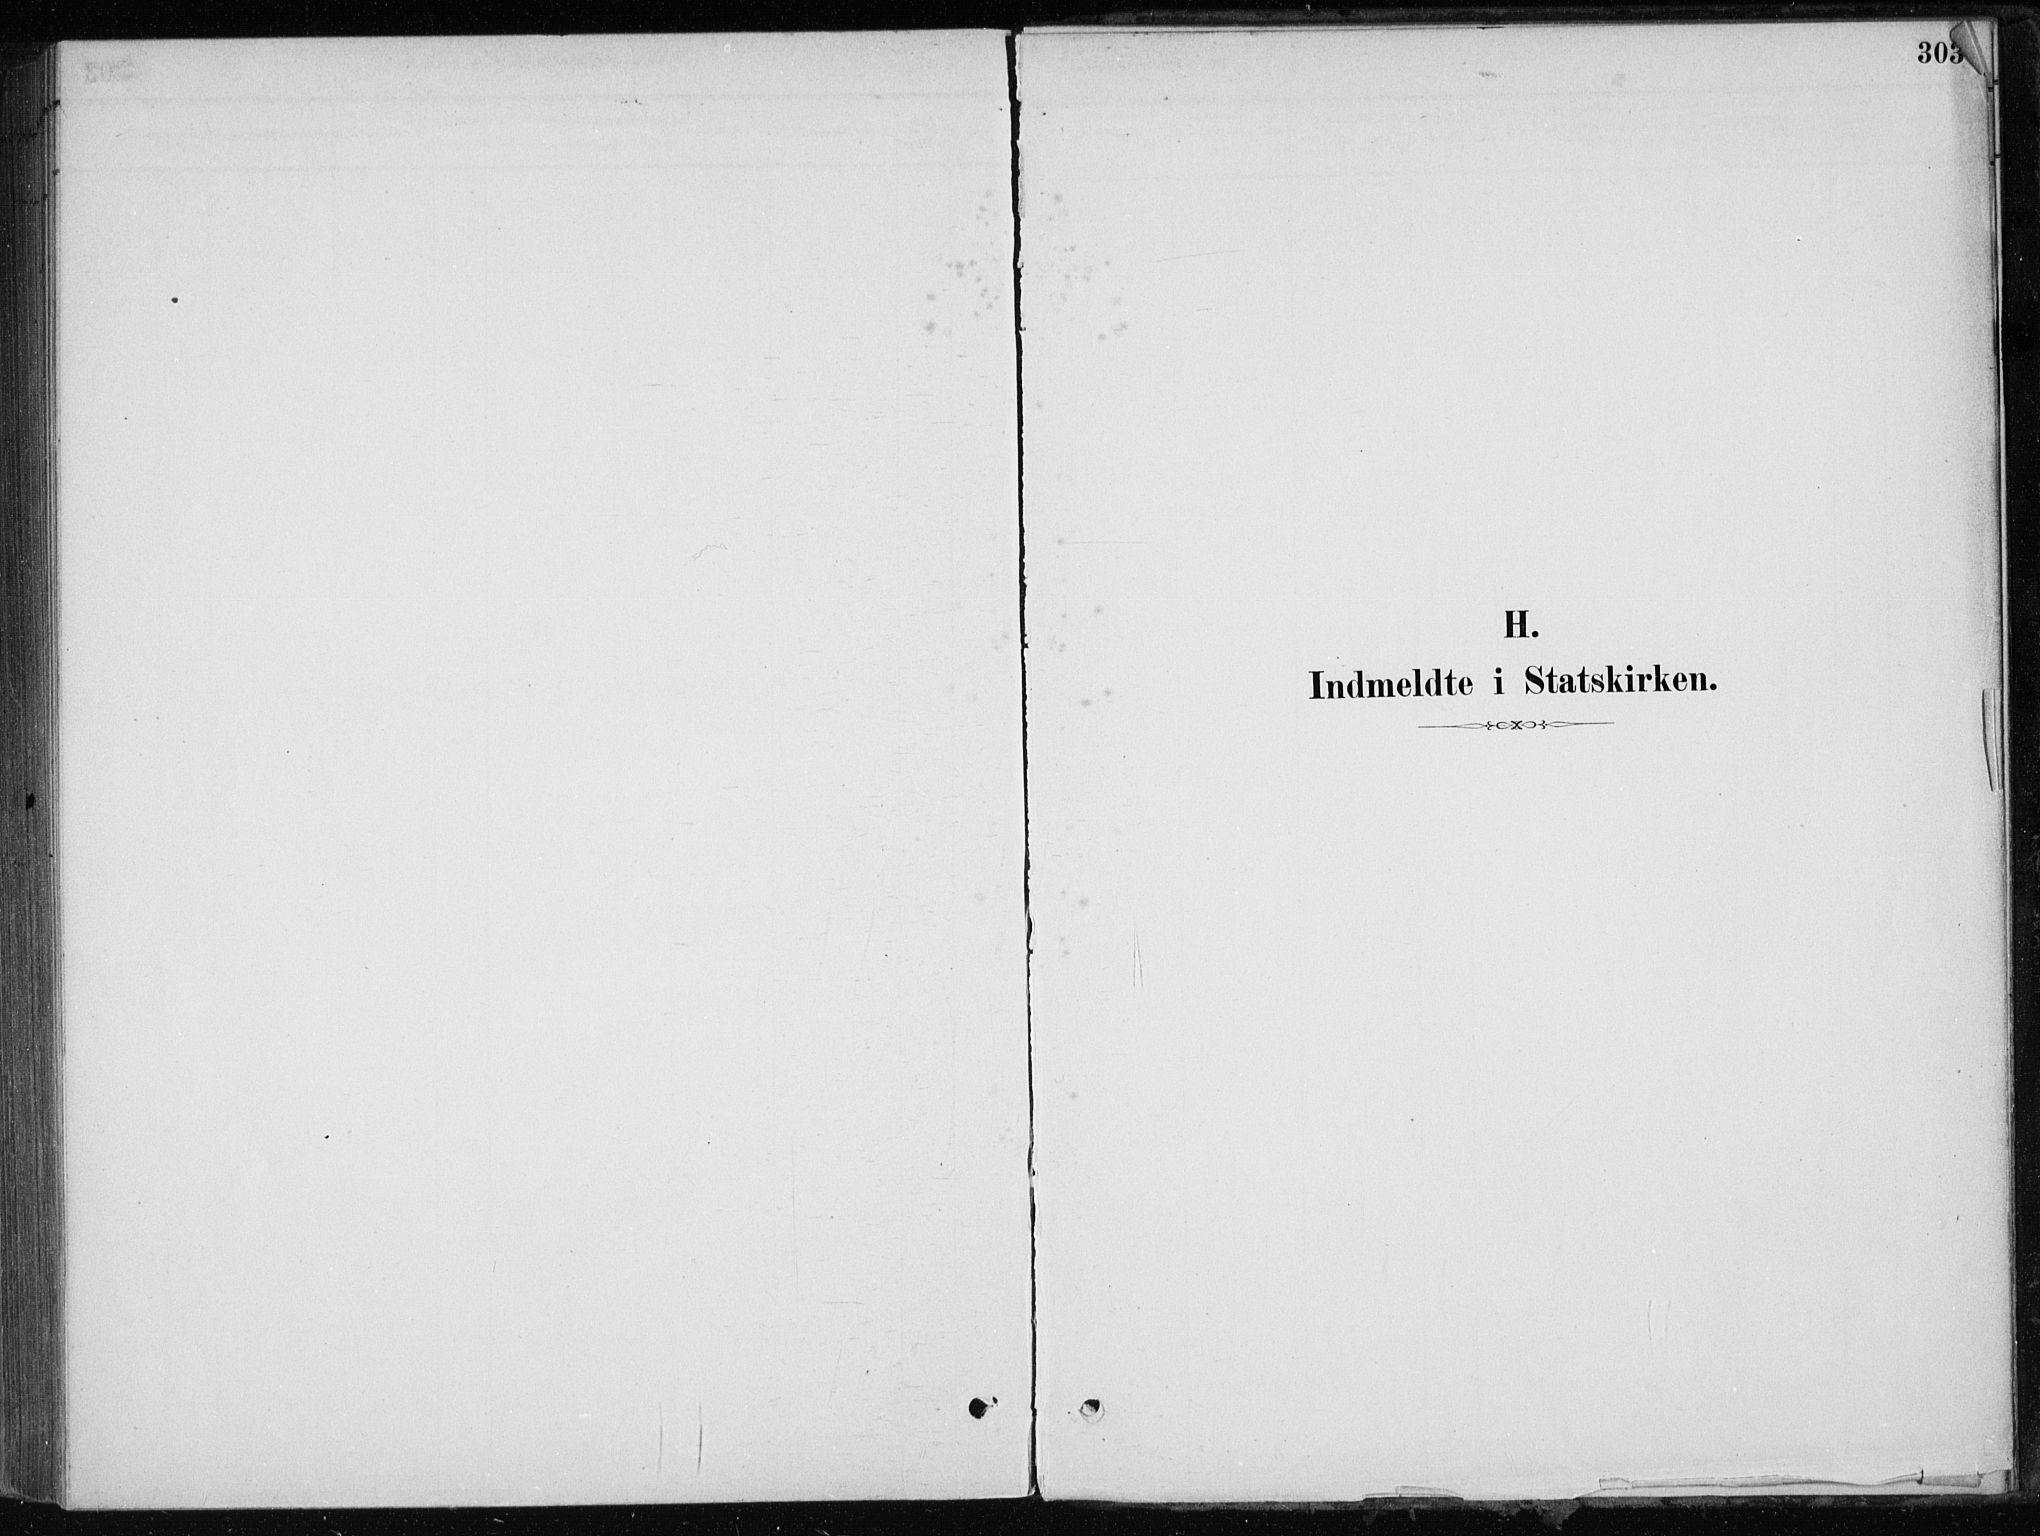 SAB, Skånevik Sokneprestembete, H/Haa: Ministerialbok nr. E  1, 1879-1901, s. 303